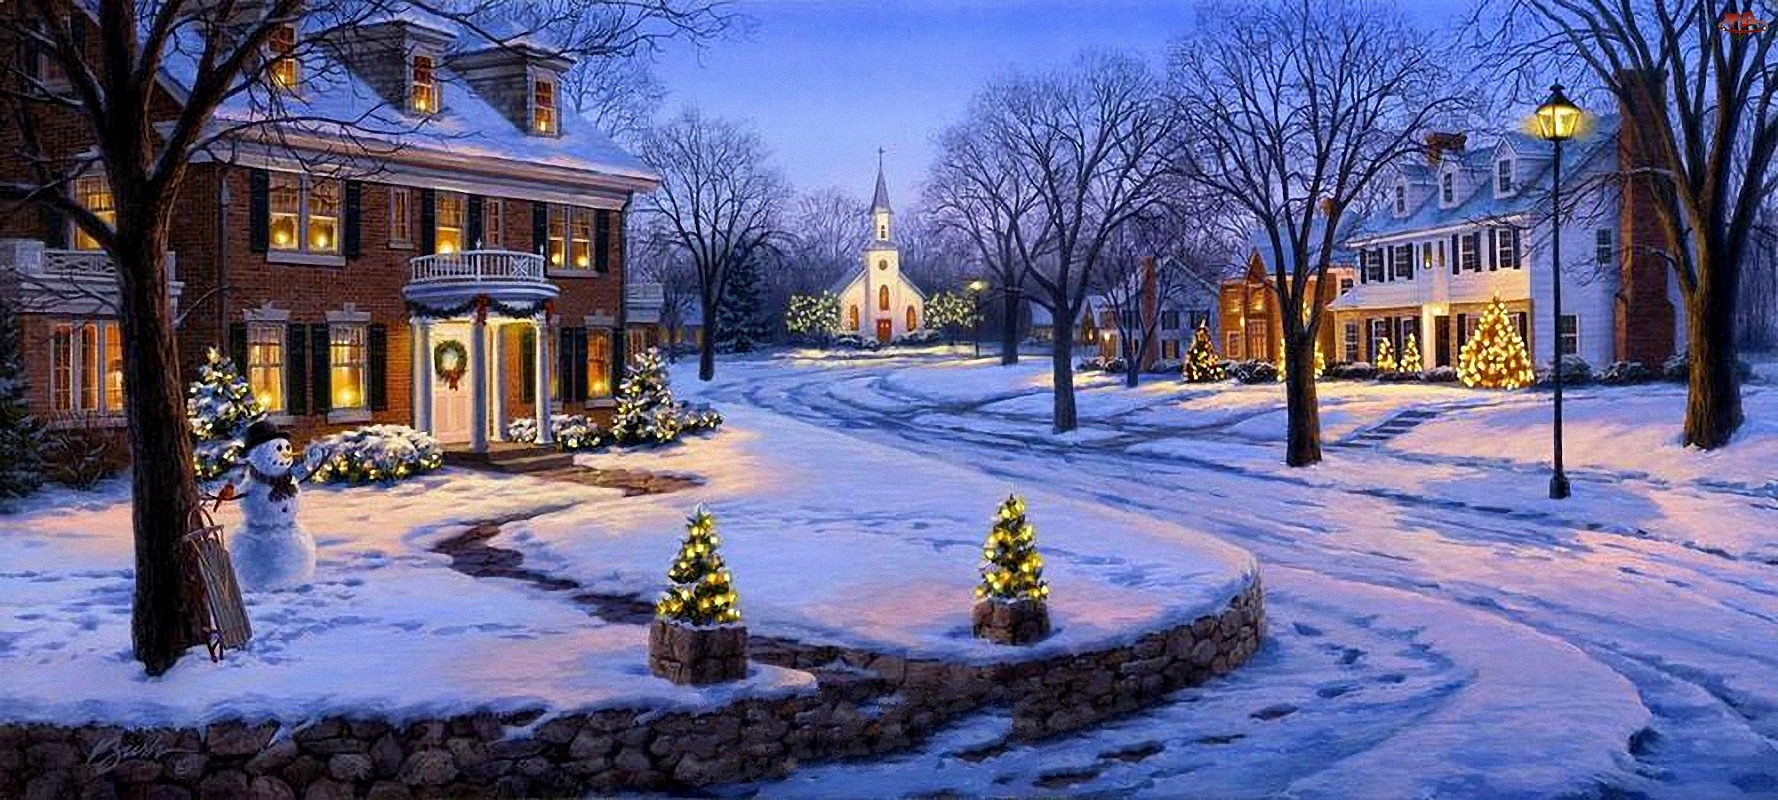 Zima, Narodzenie, Domy, Malarstwo, Ulica, Boże